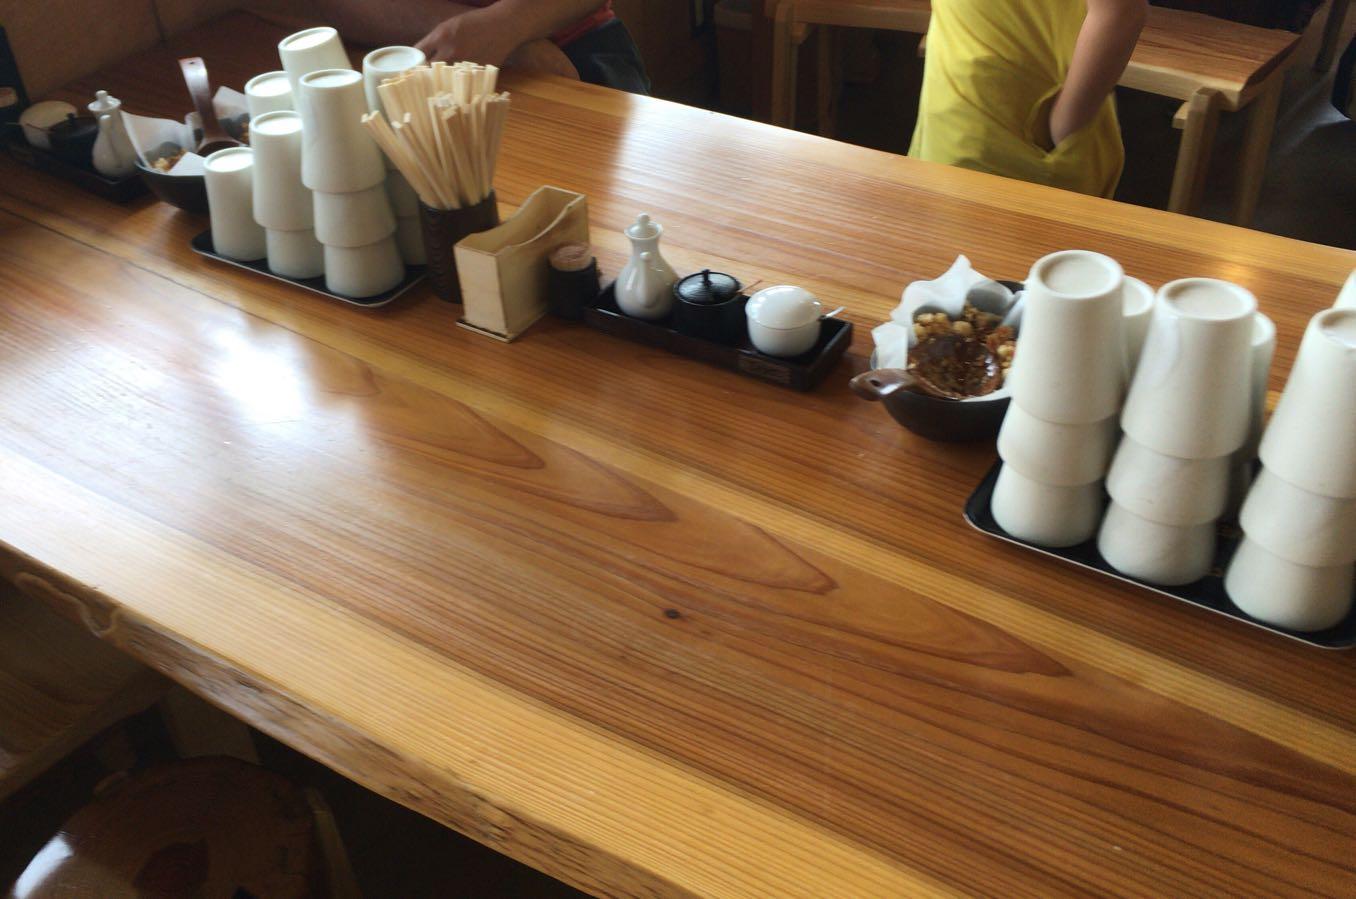 「あかみち」のテーブルの上